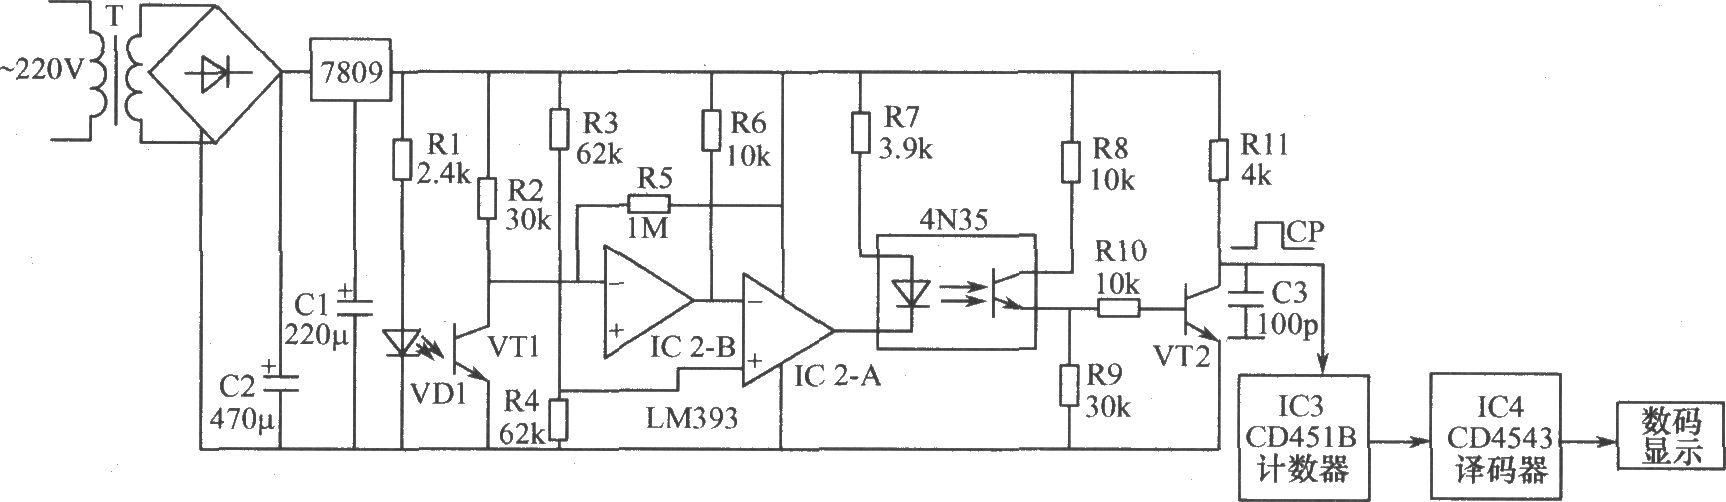 比较器ic2-b的反相输入端6脚为低电平,7脚输出高电平,加到比较器ic2-a